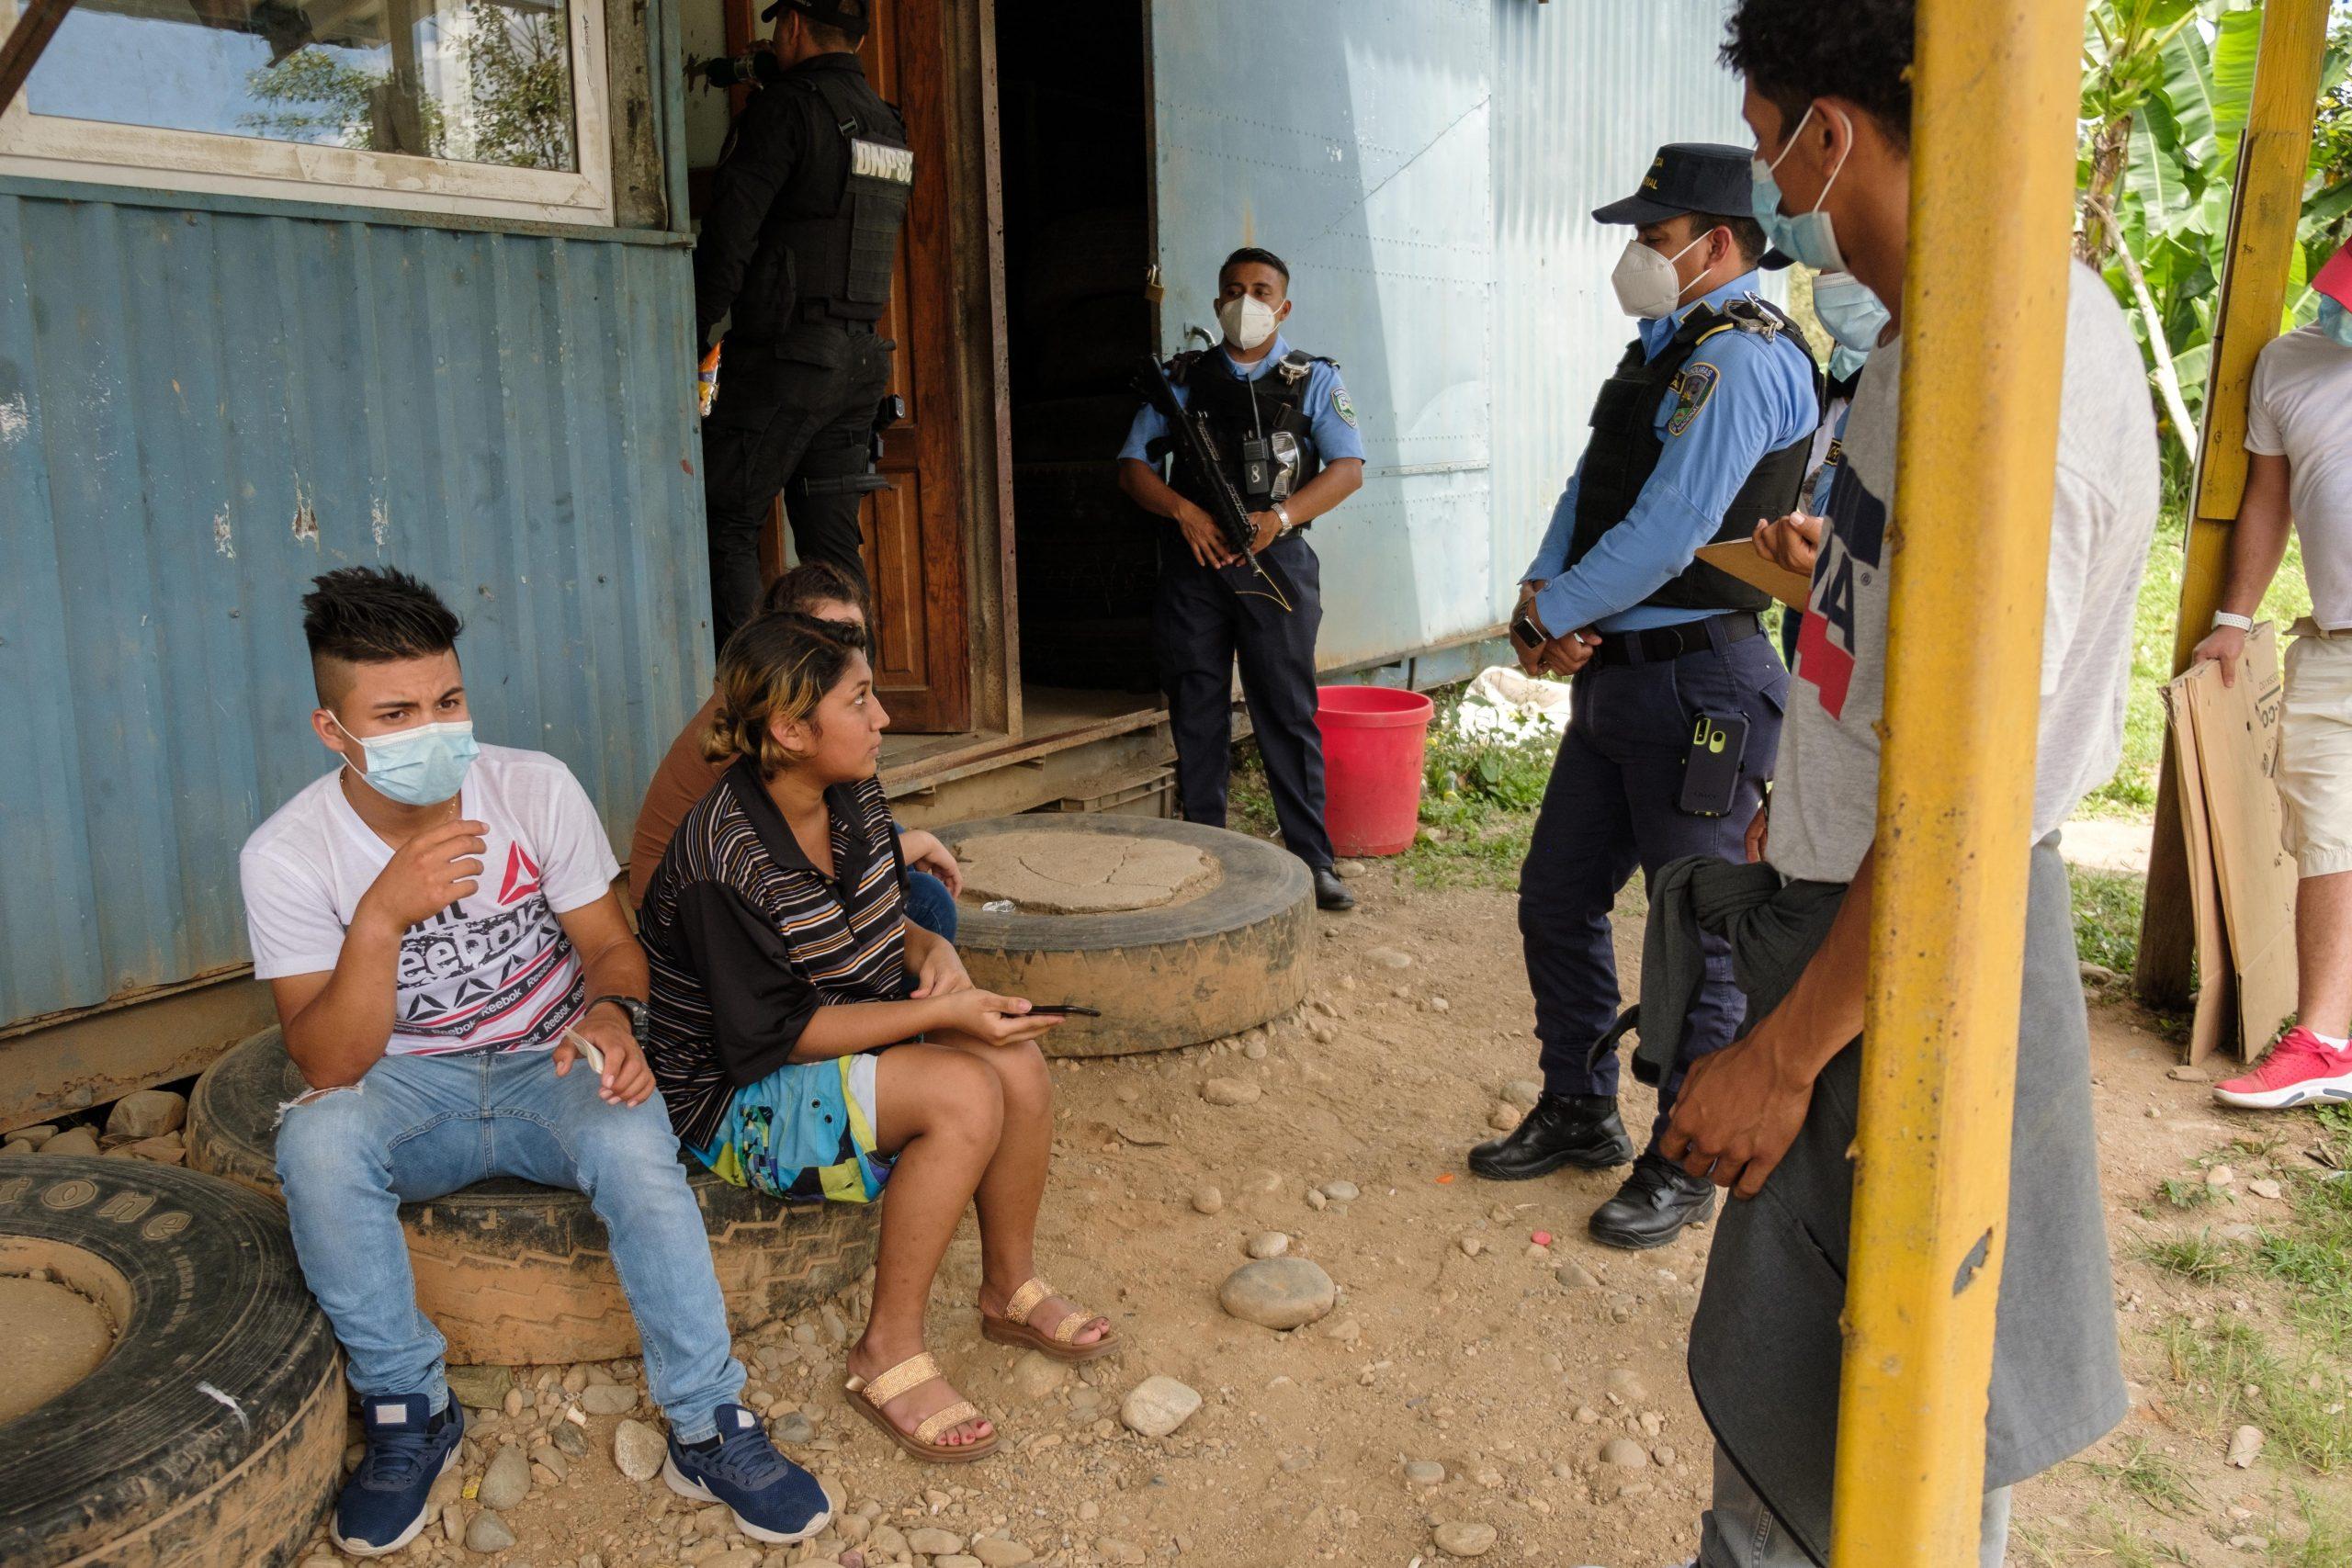 2 kilómetros antes de llegar al puesto de control fronterizo de Corinto, la Policía instaló un retén, varios jóvenes menores de edad fueron retenidos y no se les permitió continuar su paso.